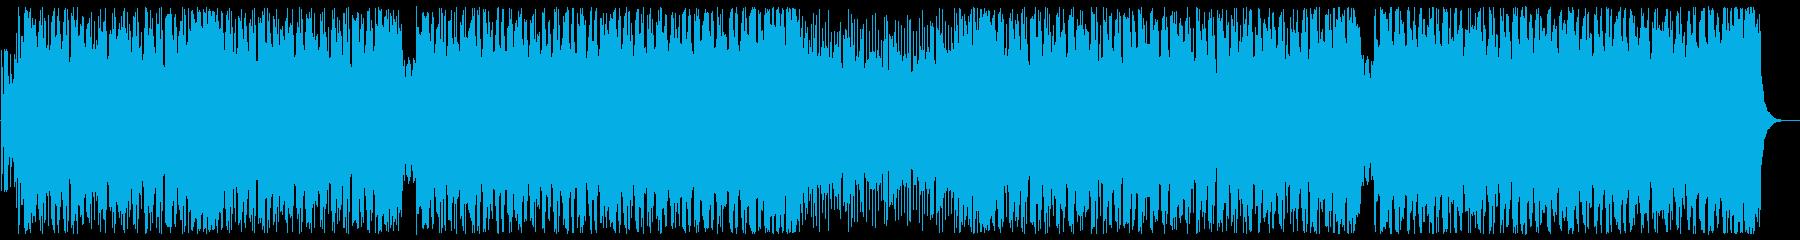 モチベーションの上がるEDM 声有りの再生済みの波形